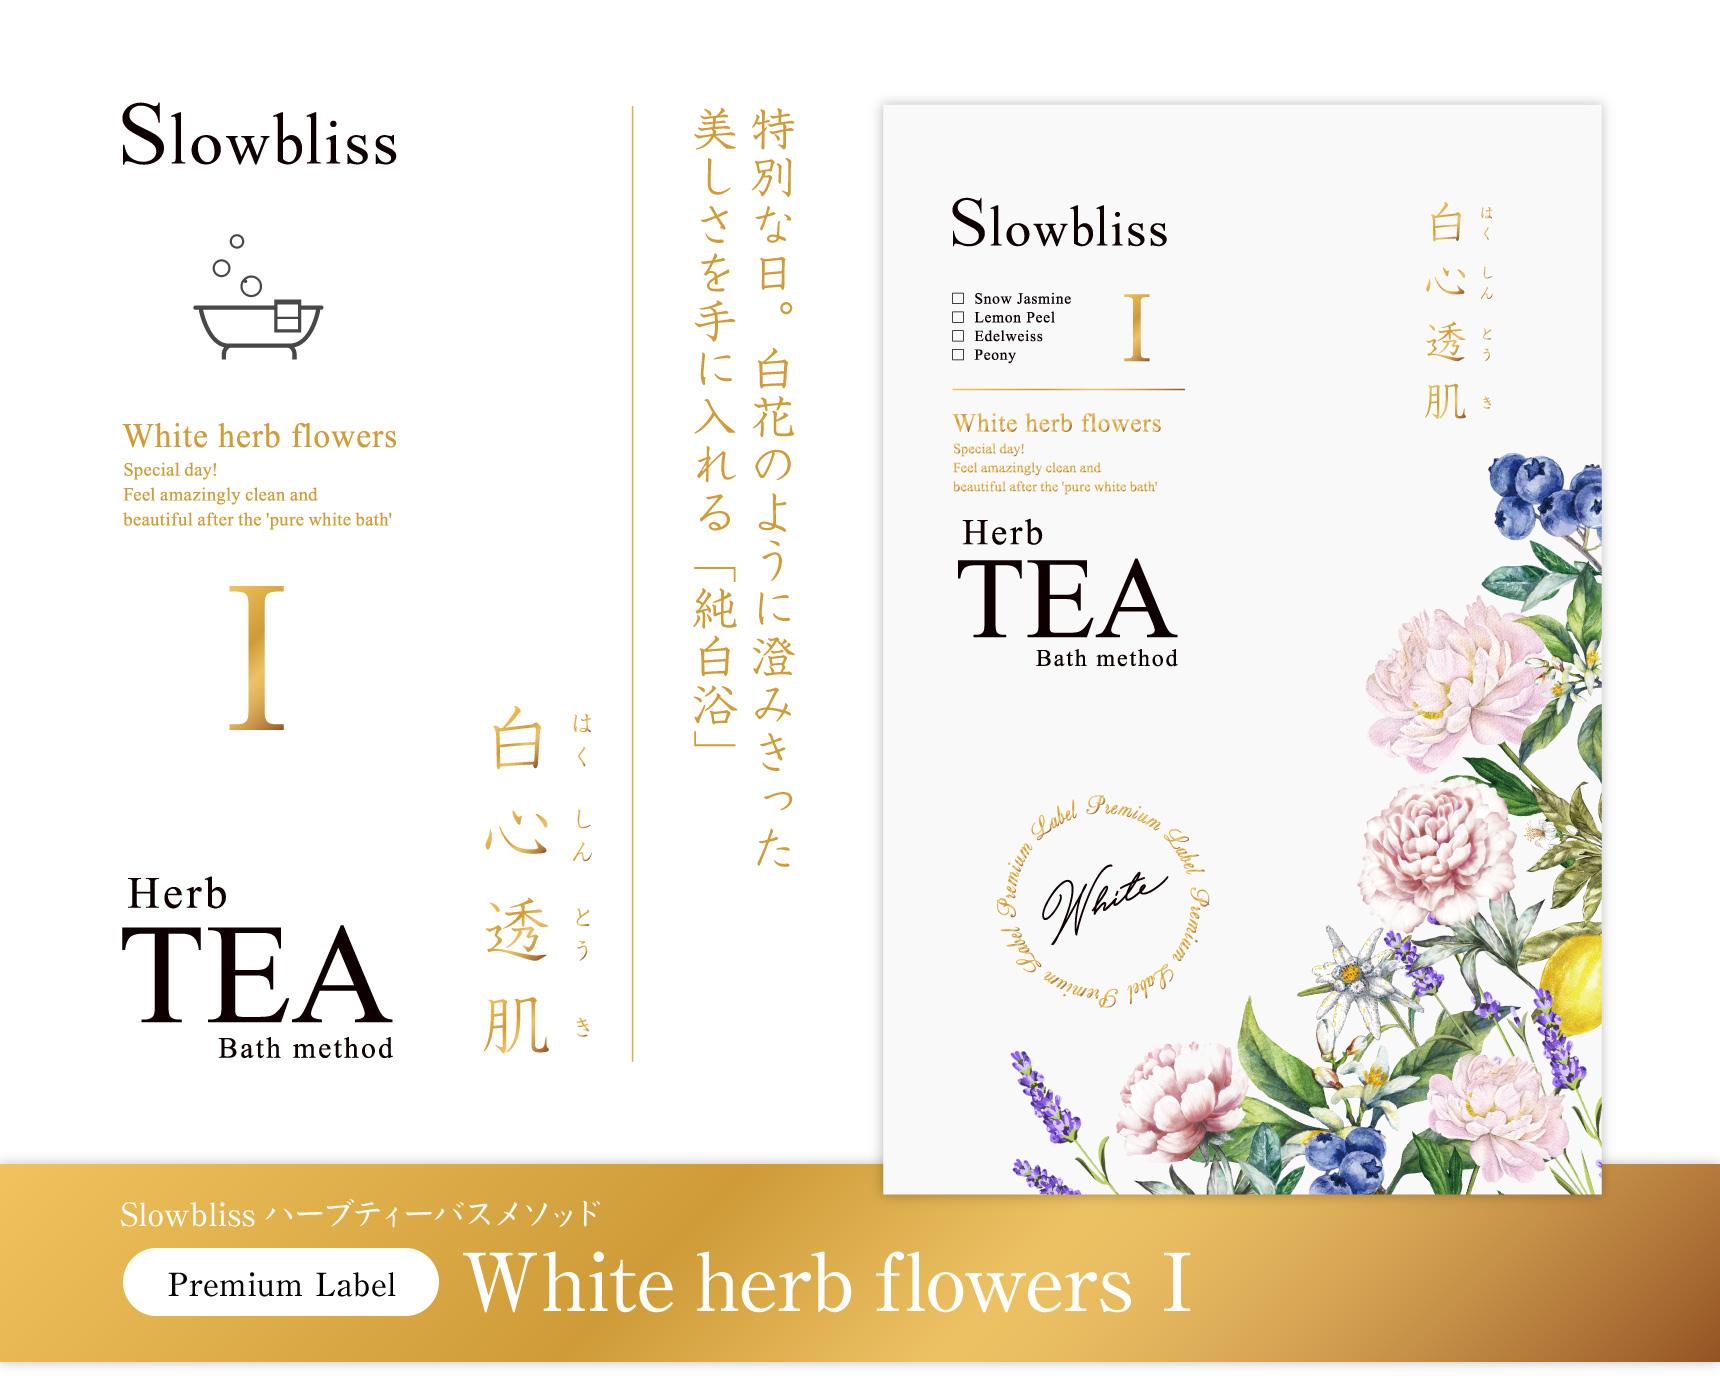 Slowbliss ハーブティバスメソッド White herb flowers I